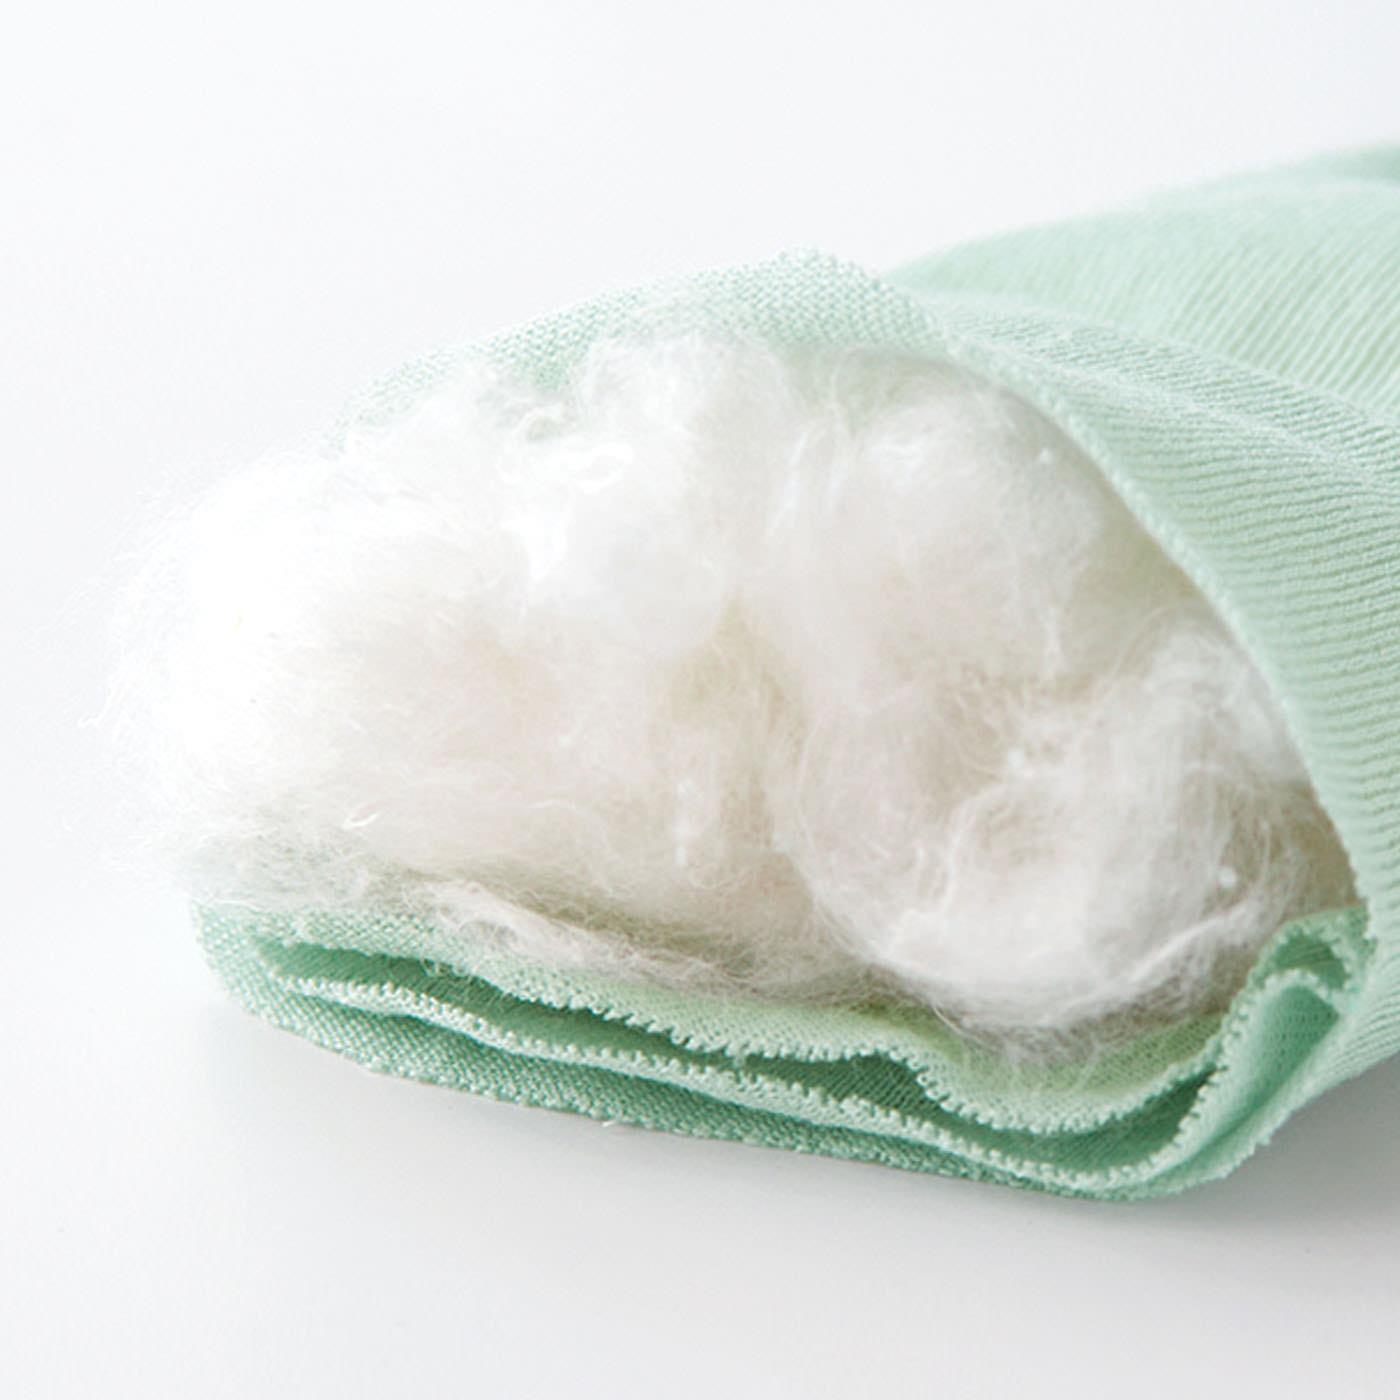 """1足当たり真綿たっぷり約6g! 真綿は繭(まゆ)から生まれた糸を紡ぐ前のシルク。ふんわり軽く、自然なぬくもりが伝わります。""""真綿布団""""など、防寒用の高級素材として昔から大切に使われてきた真綿を、全体にふんわりと詰めました。"""